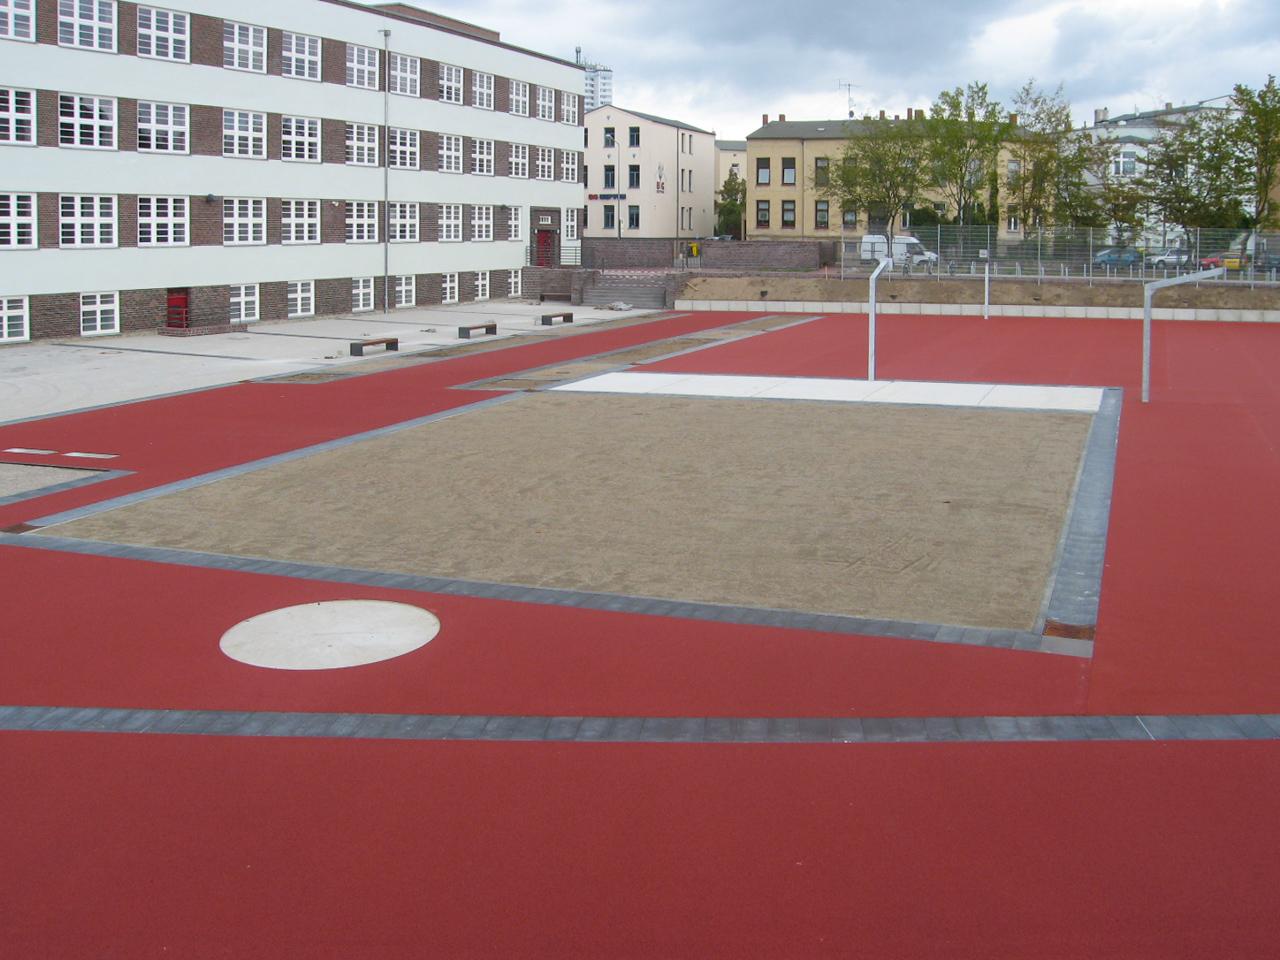 goethe gymnasium rostock garten und landschaftsbau crivitz gmbh. Black Bedroom Furniture Sets. Home Design Ideas